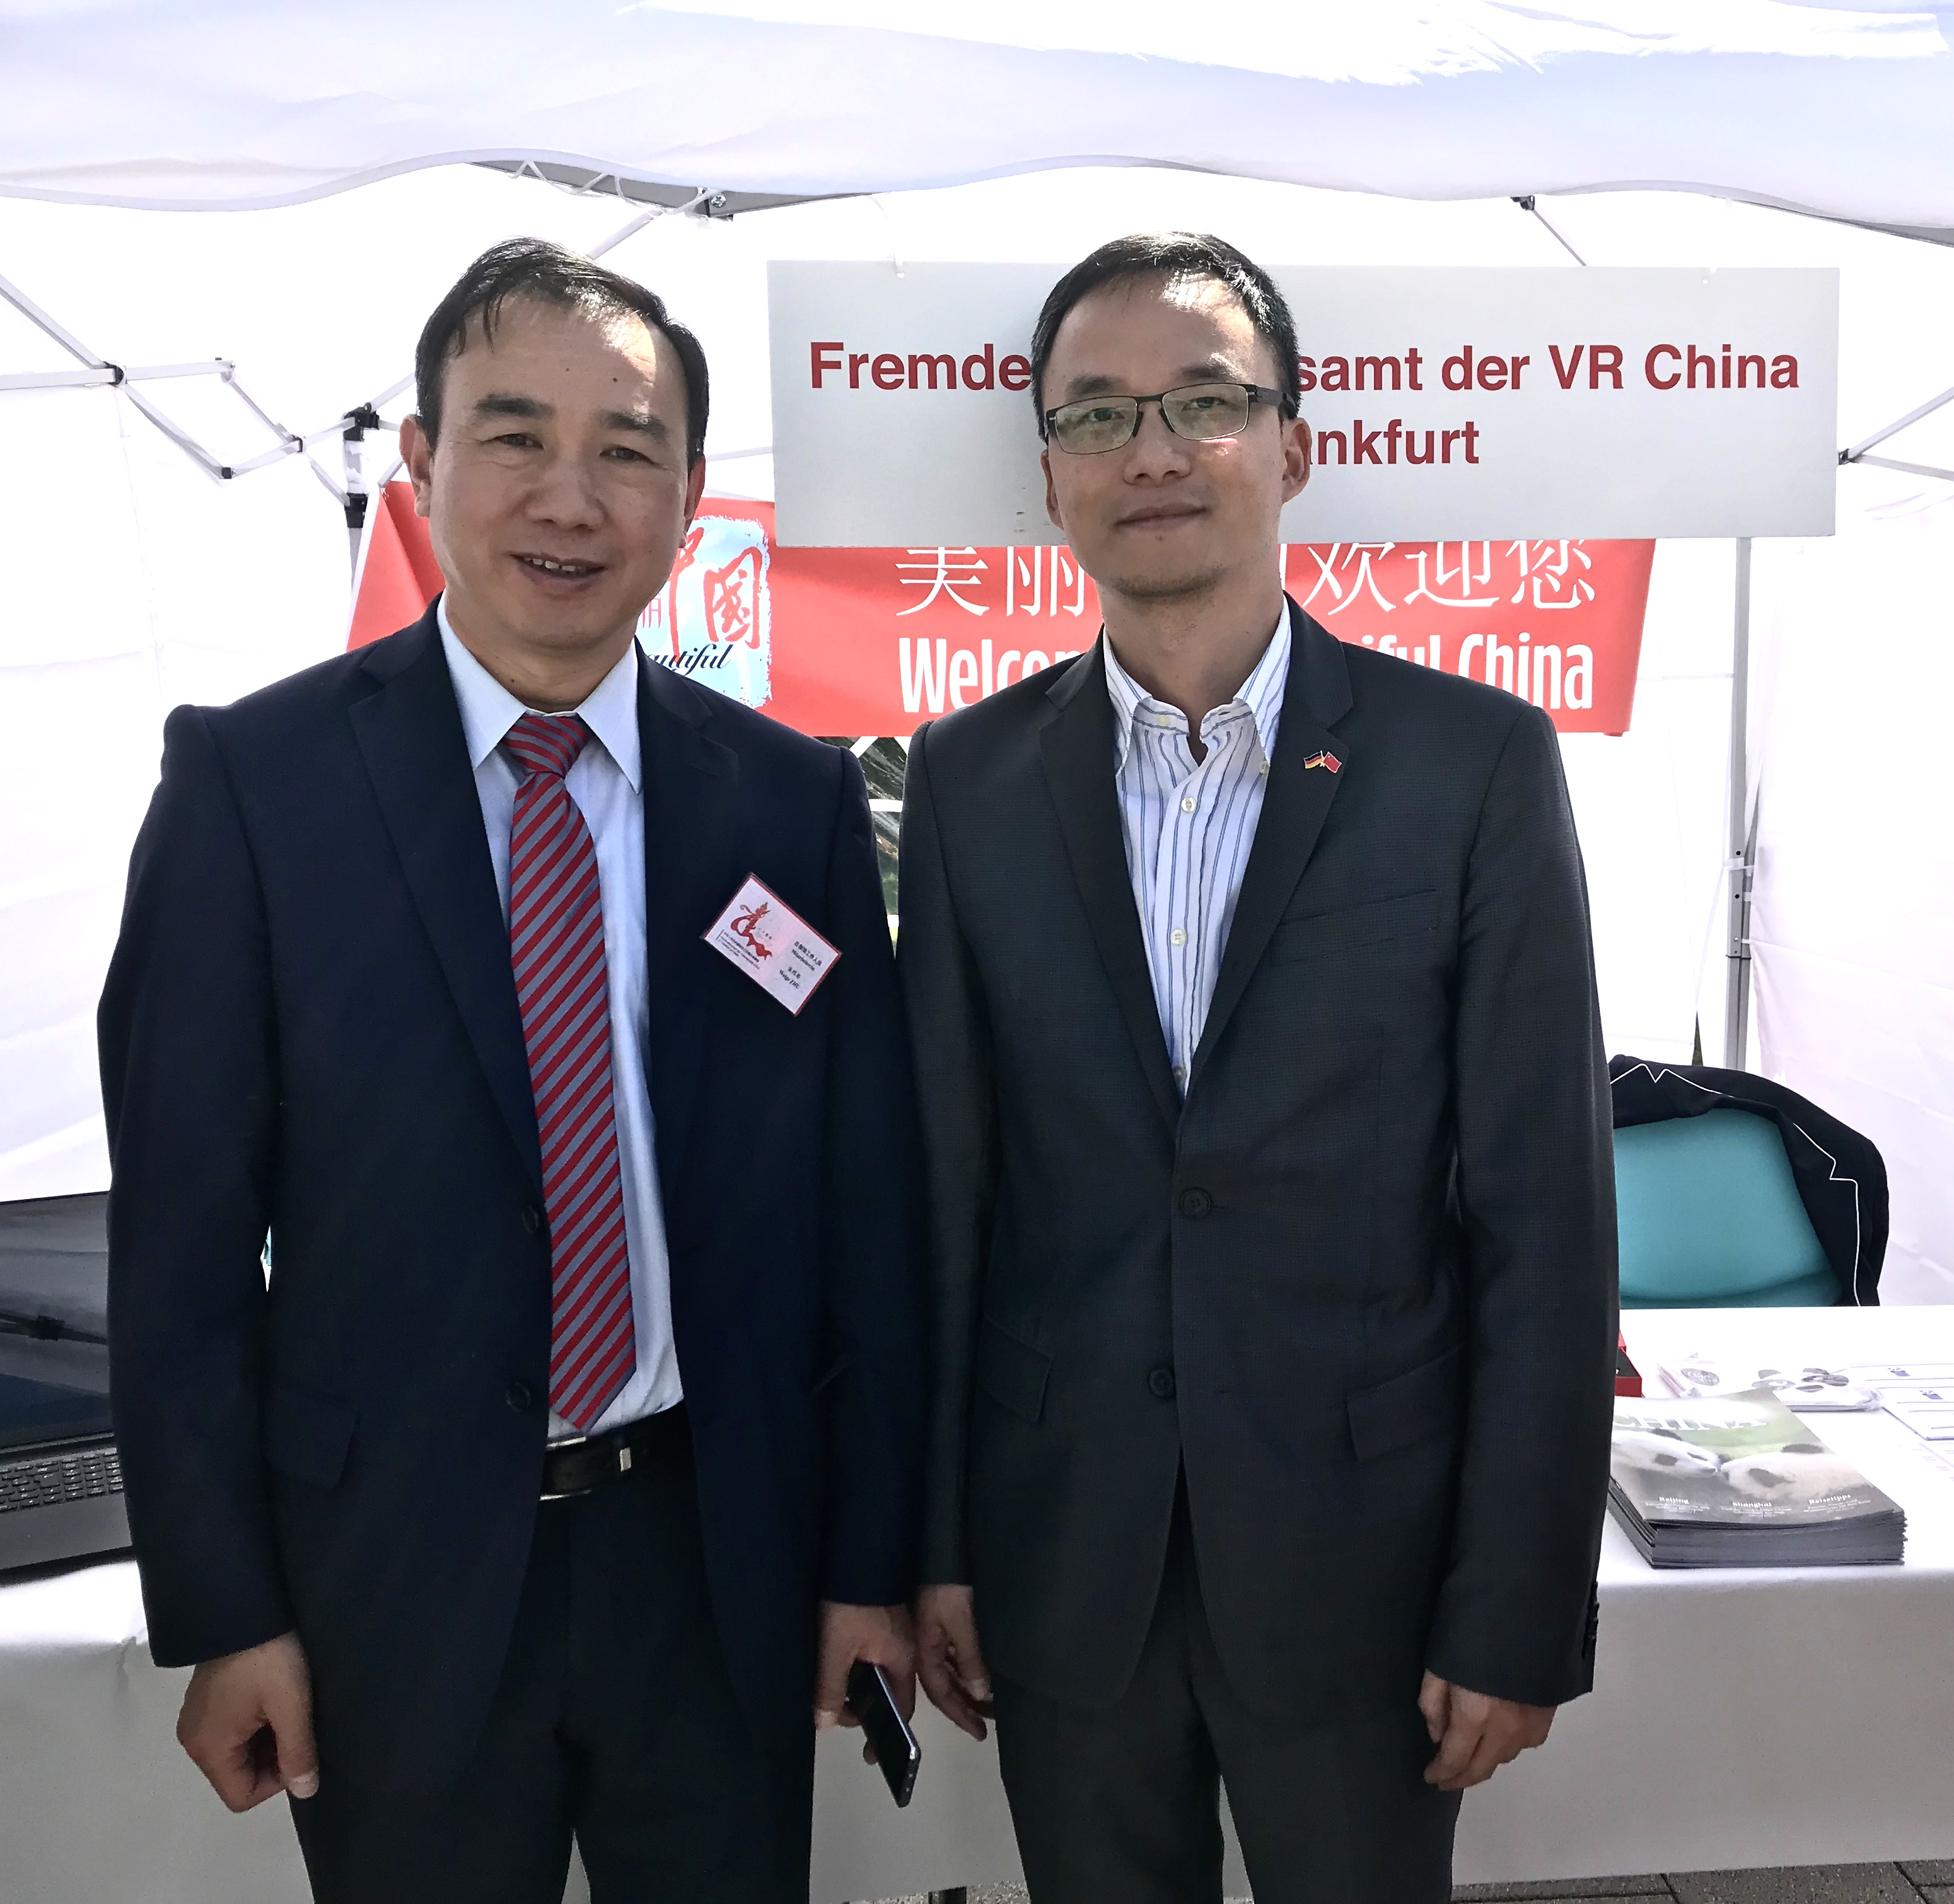 Auch der Leiter der Wirtschaftsabteilung, Botschaftsrat ZHU Weige (links im Bild), war an den Ständen und Pavillons unterwegs, hier an demjenigen des Staatlichen Fremdenverkehrsamtes, rechts dessen Direktor CHEN Hongjie